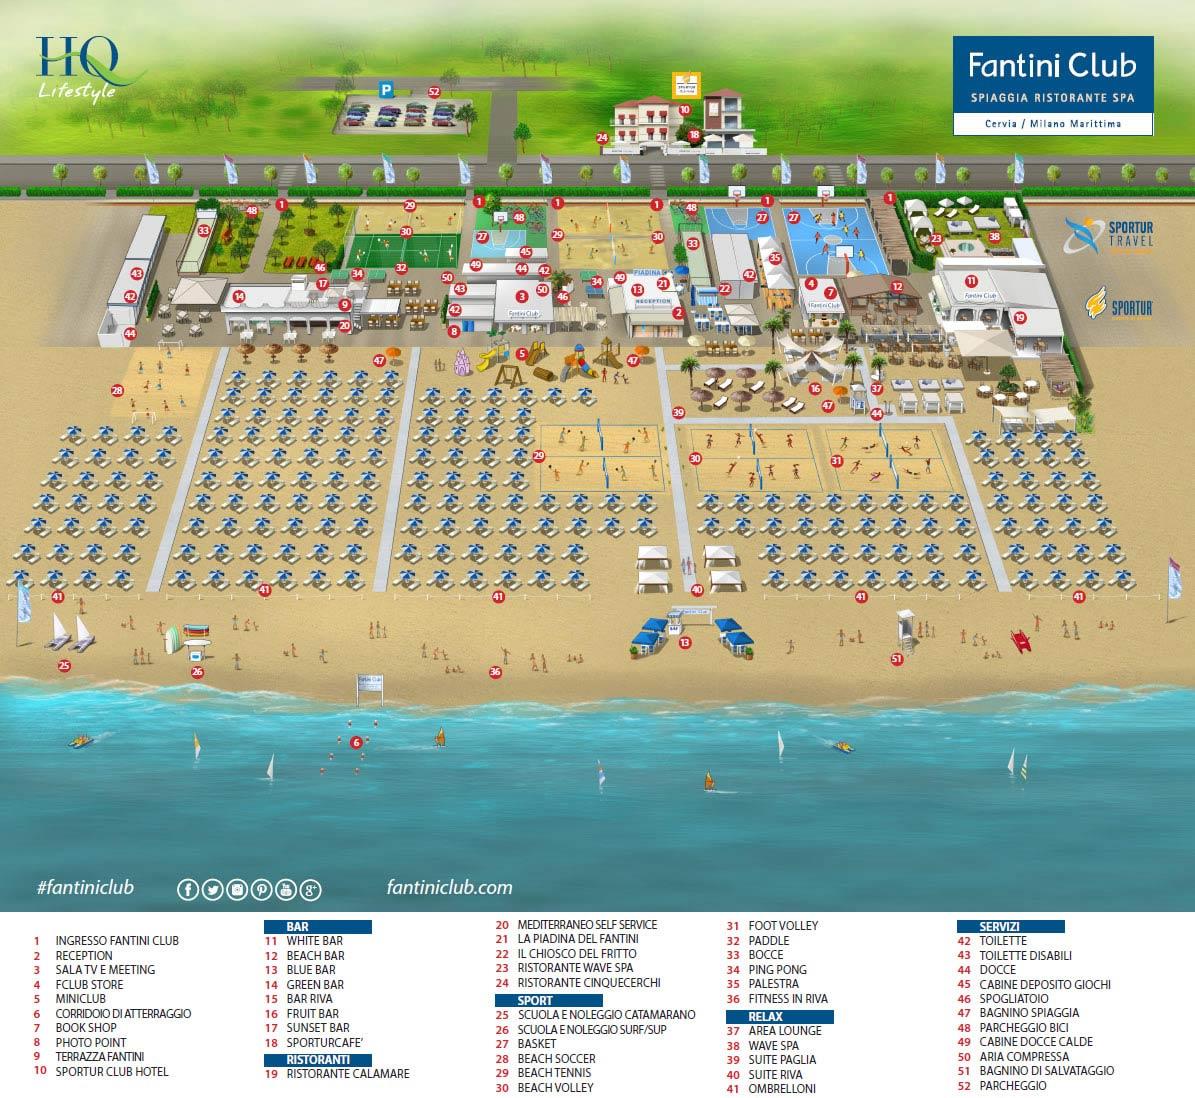 Location fantini club scopri tutti i servizi per i clienti di fantini fantini club cervia ra - Bagno fantini cervia ...